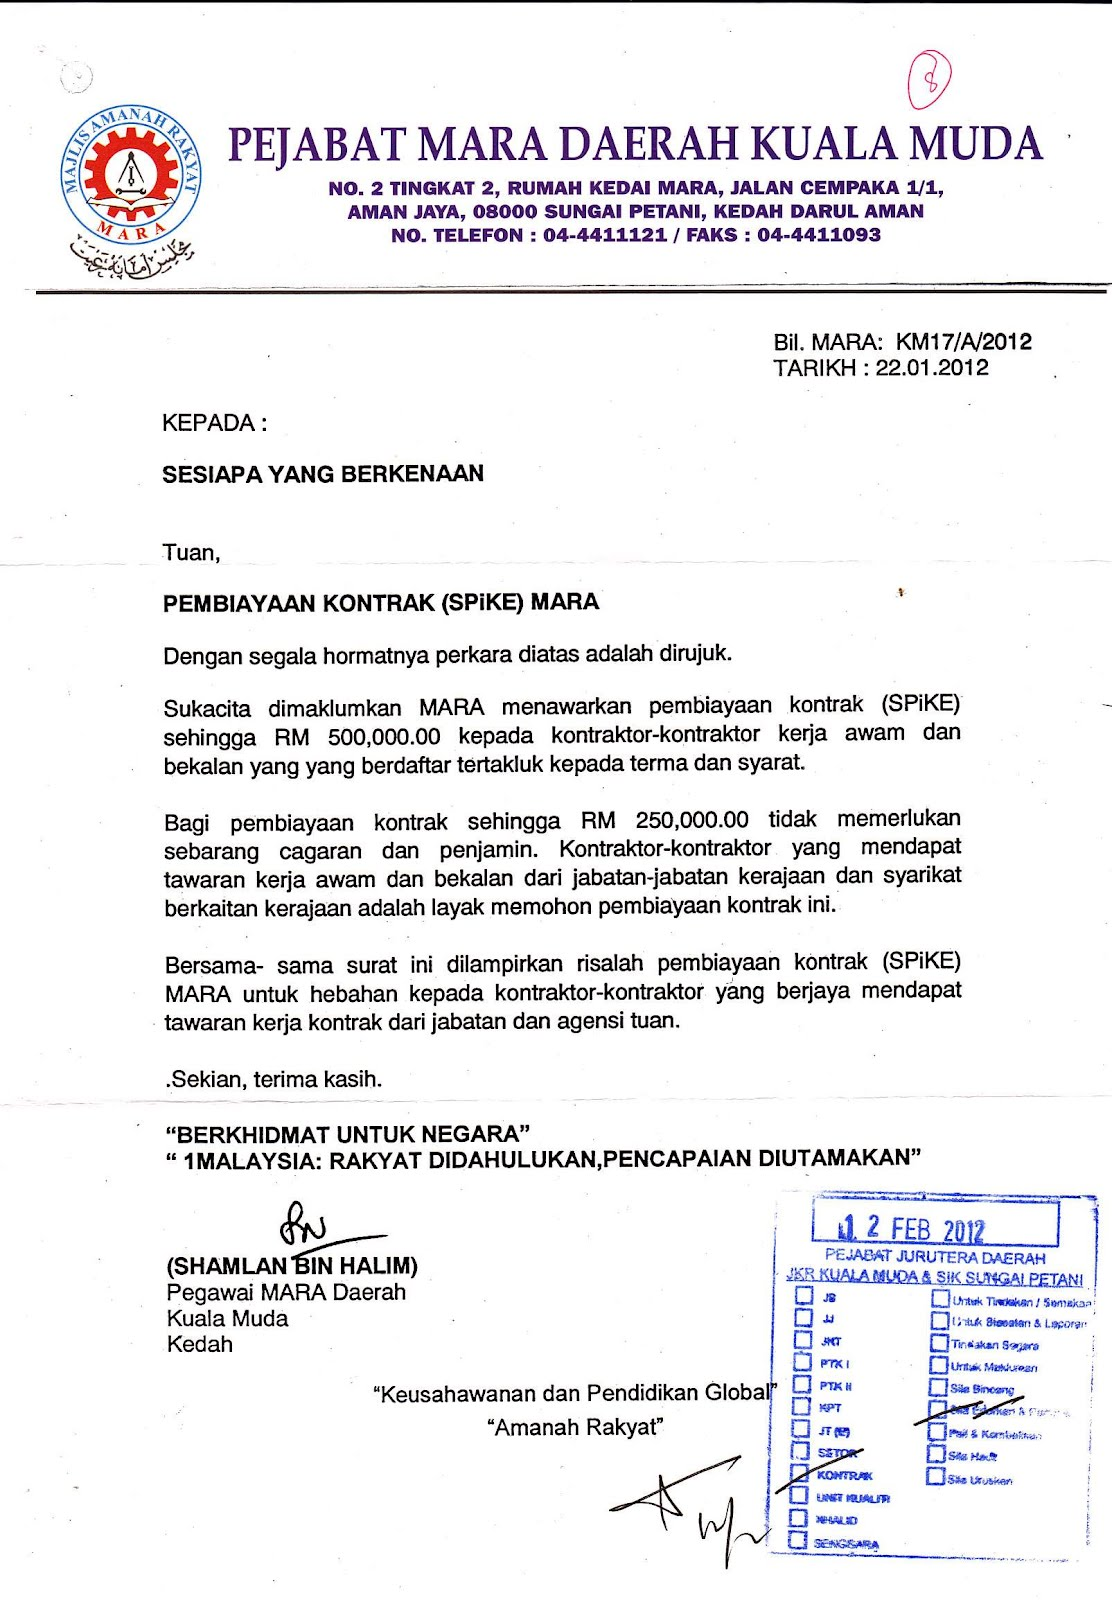 Contoh Surat Rasmi Tolak Tawaran In English Grasmi Cute766